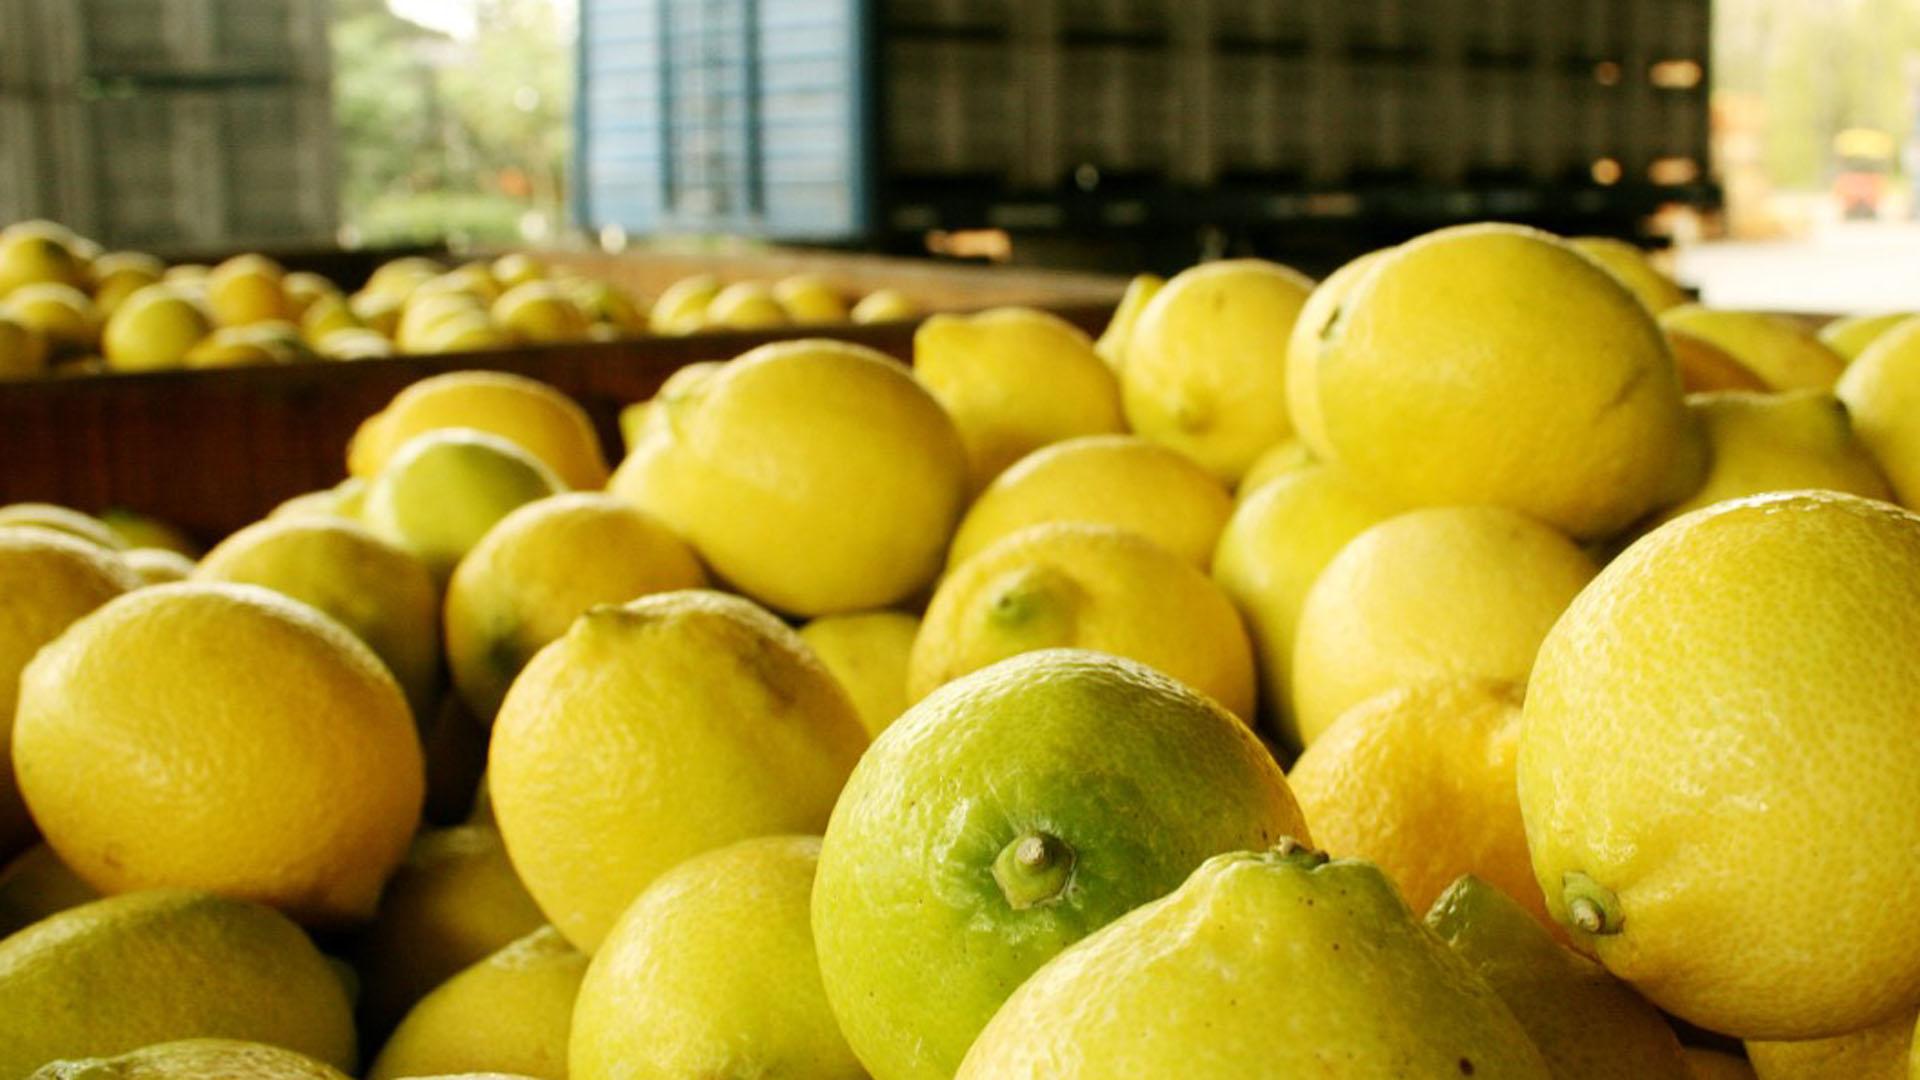 Limones argentinos, un auténtico tesoro nutricional